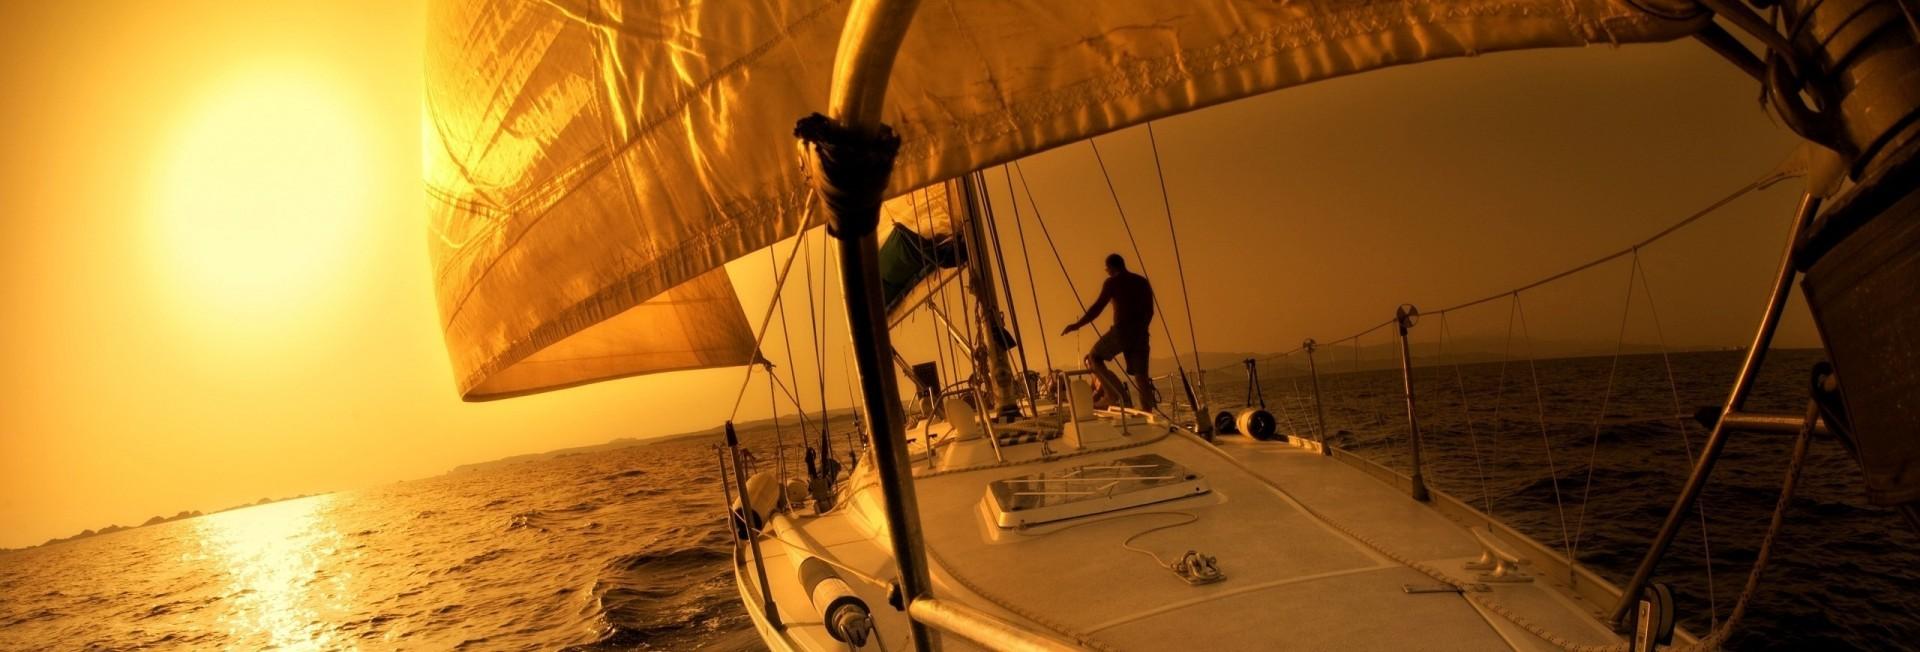 sailboat-4894